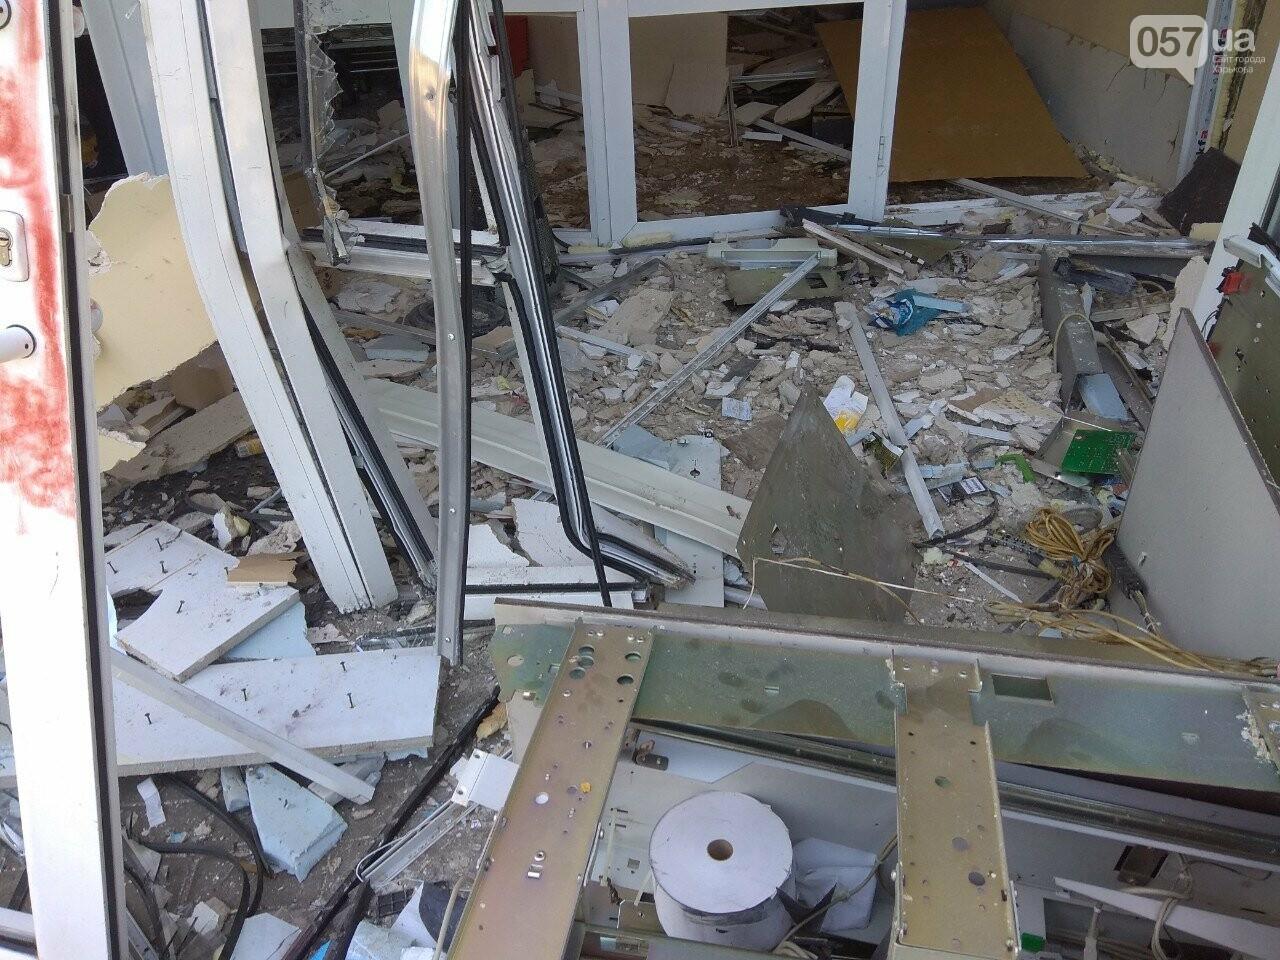 Взрыв банкомата на Алексеевке: неизвестные нанесли магазину убыток на 200 тысяч гривен, - ВИДЕО, фото-3